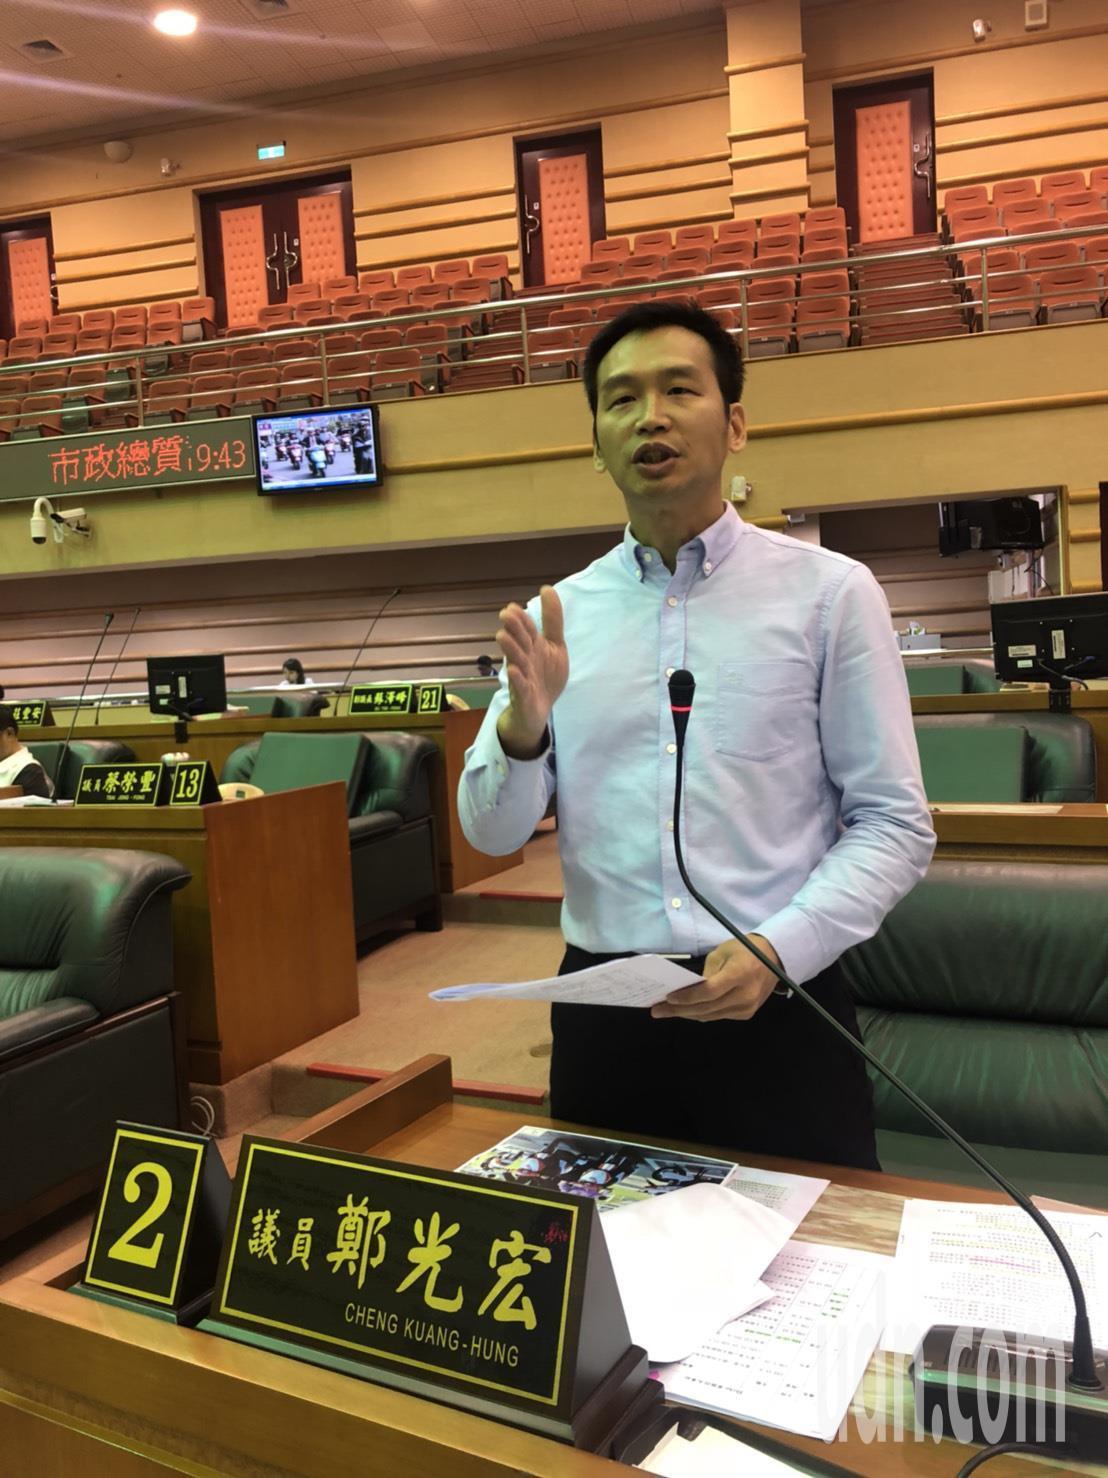 嘉義市議員鄭光宏指出,前任市長的政策,卻讓現任市長黃敏惠收爛攤子,「根本是遇到詐...